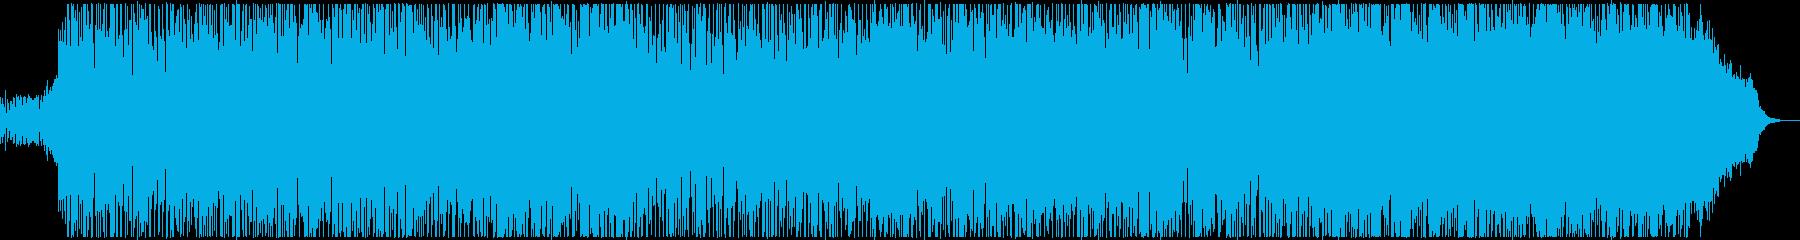 フュージョン風のノリの良いテクノポップの再生済みの波形